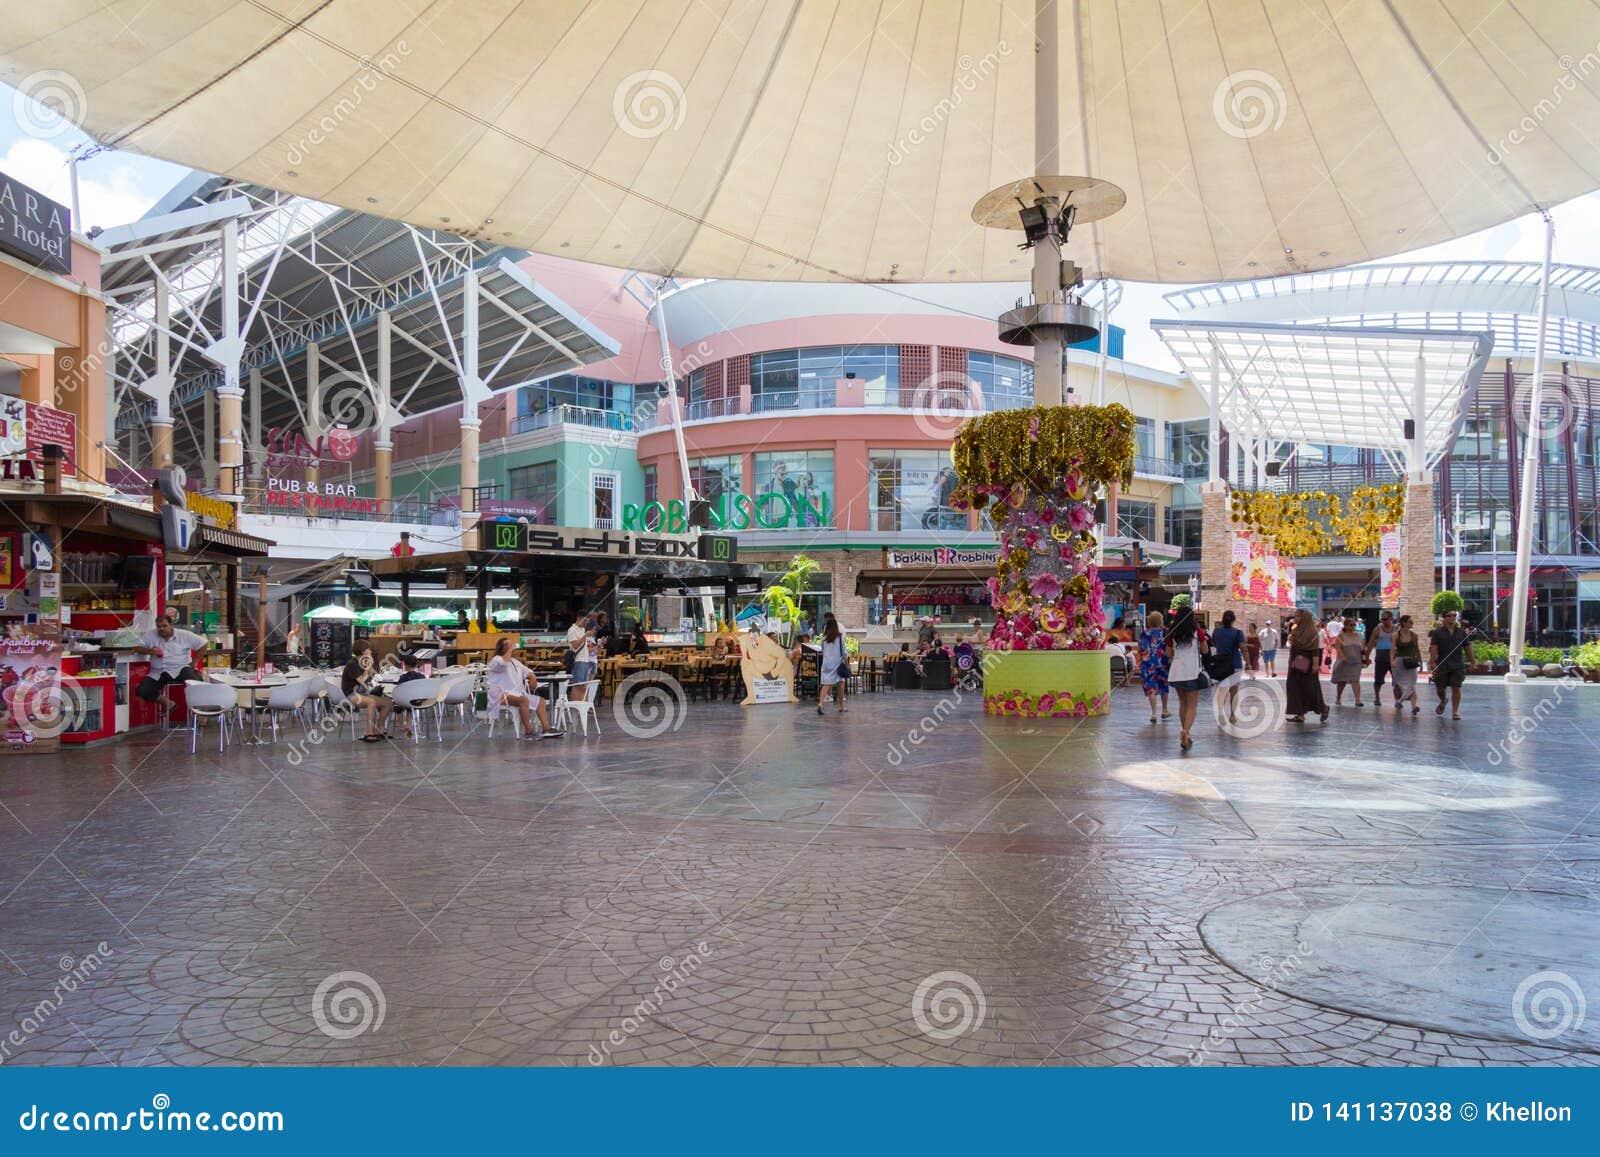 Kupujący chodzą przez rozrywka terenu w Junga Ceylon centrum handlowym, Patong, Phuket, Tajlandia